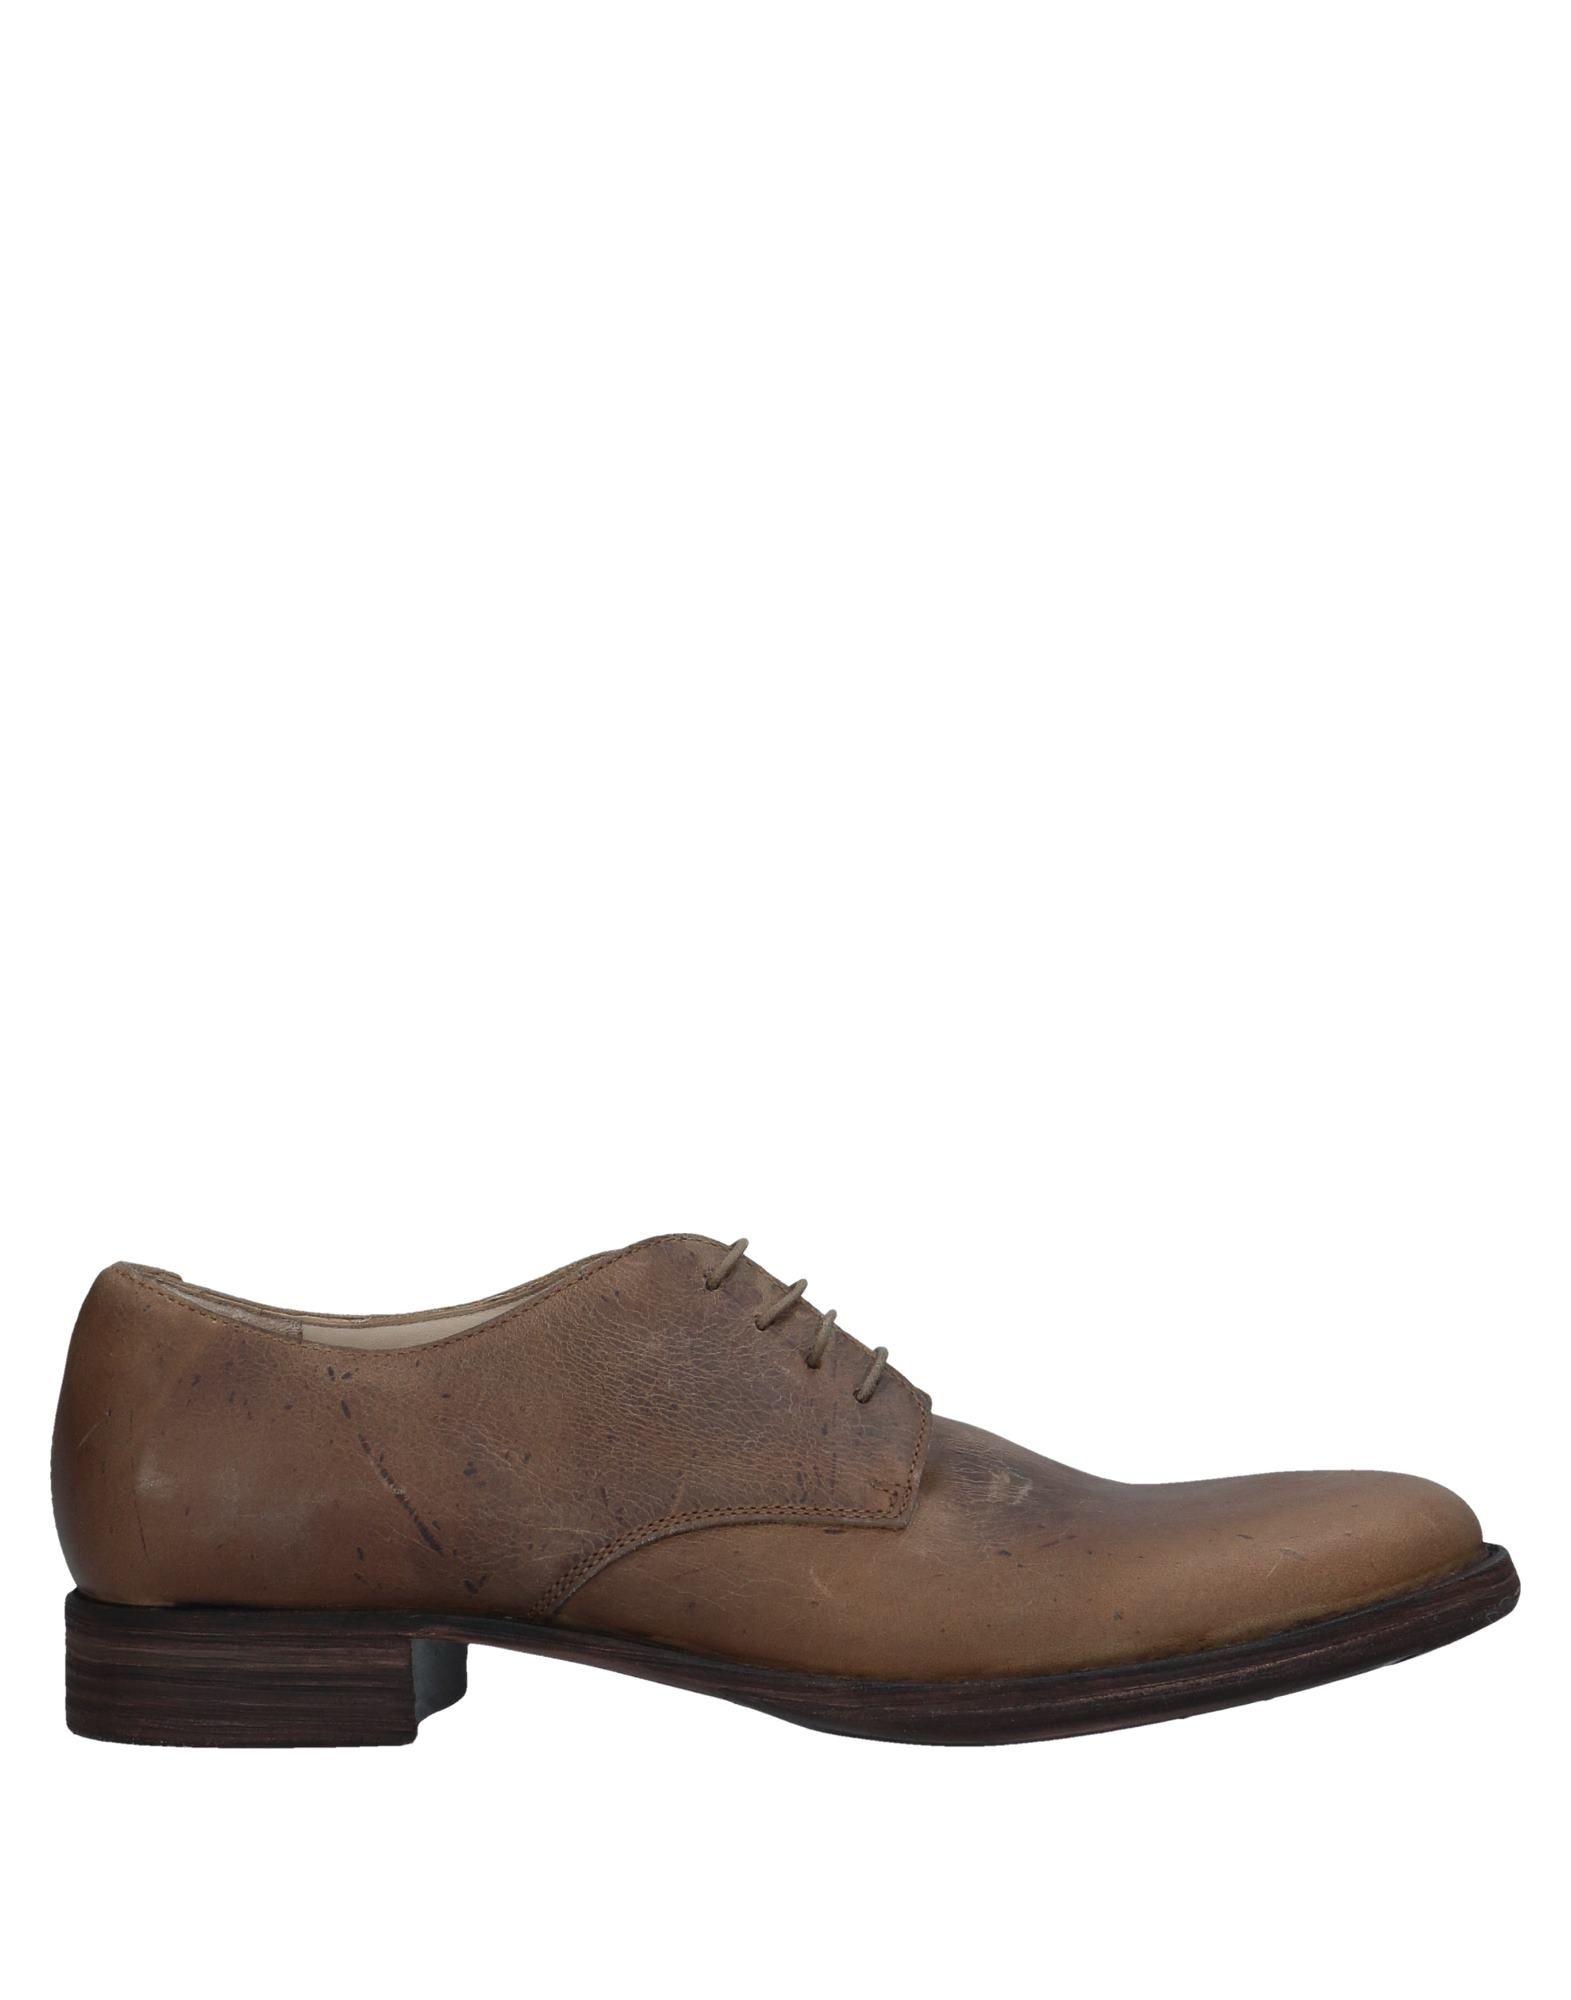 01000010 By 11528110PNGut Boccaccini Schnürschuhe Damen  11528110PNGut By aussehende strapazierfähige Schuhe 97f16e